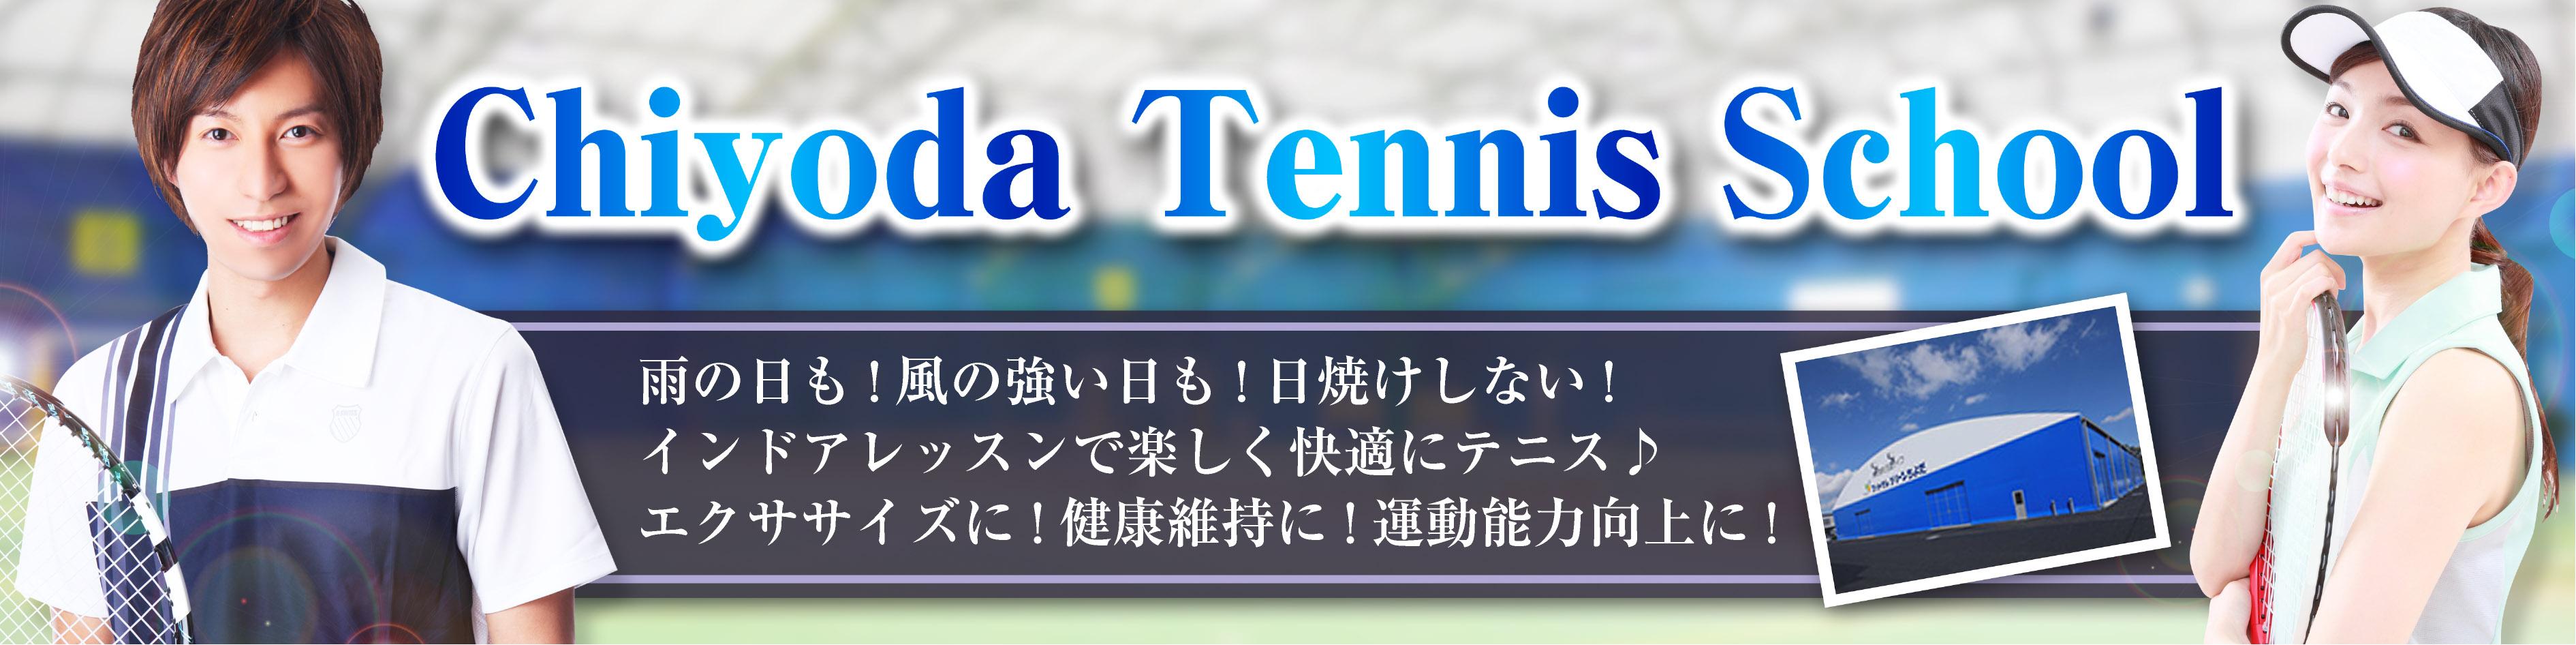 テニスを始めるならちよだテニススクール